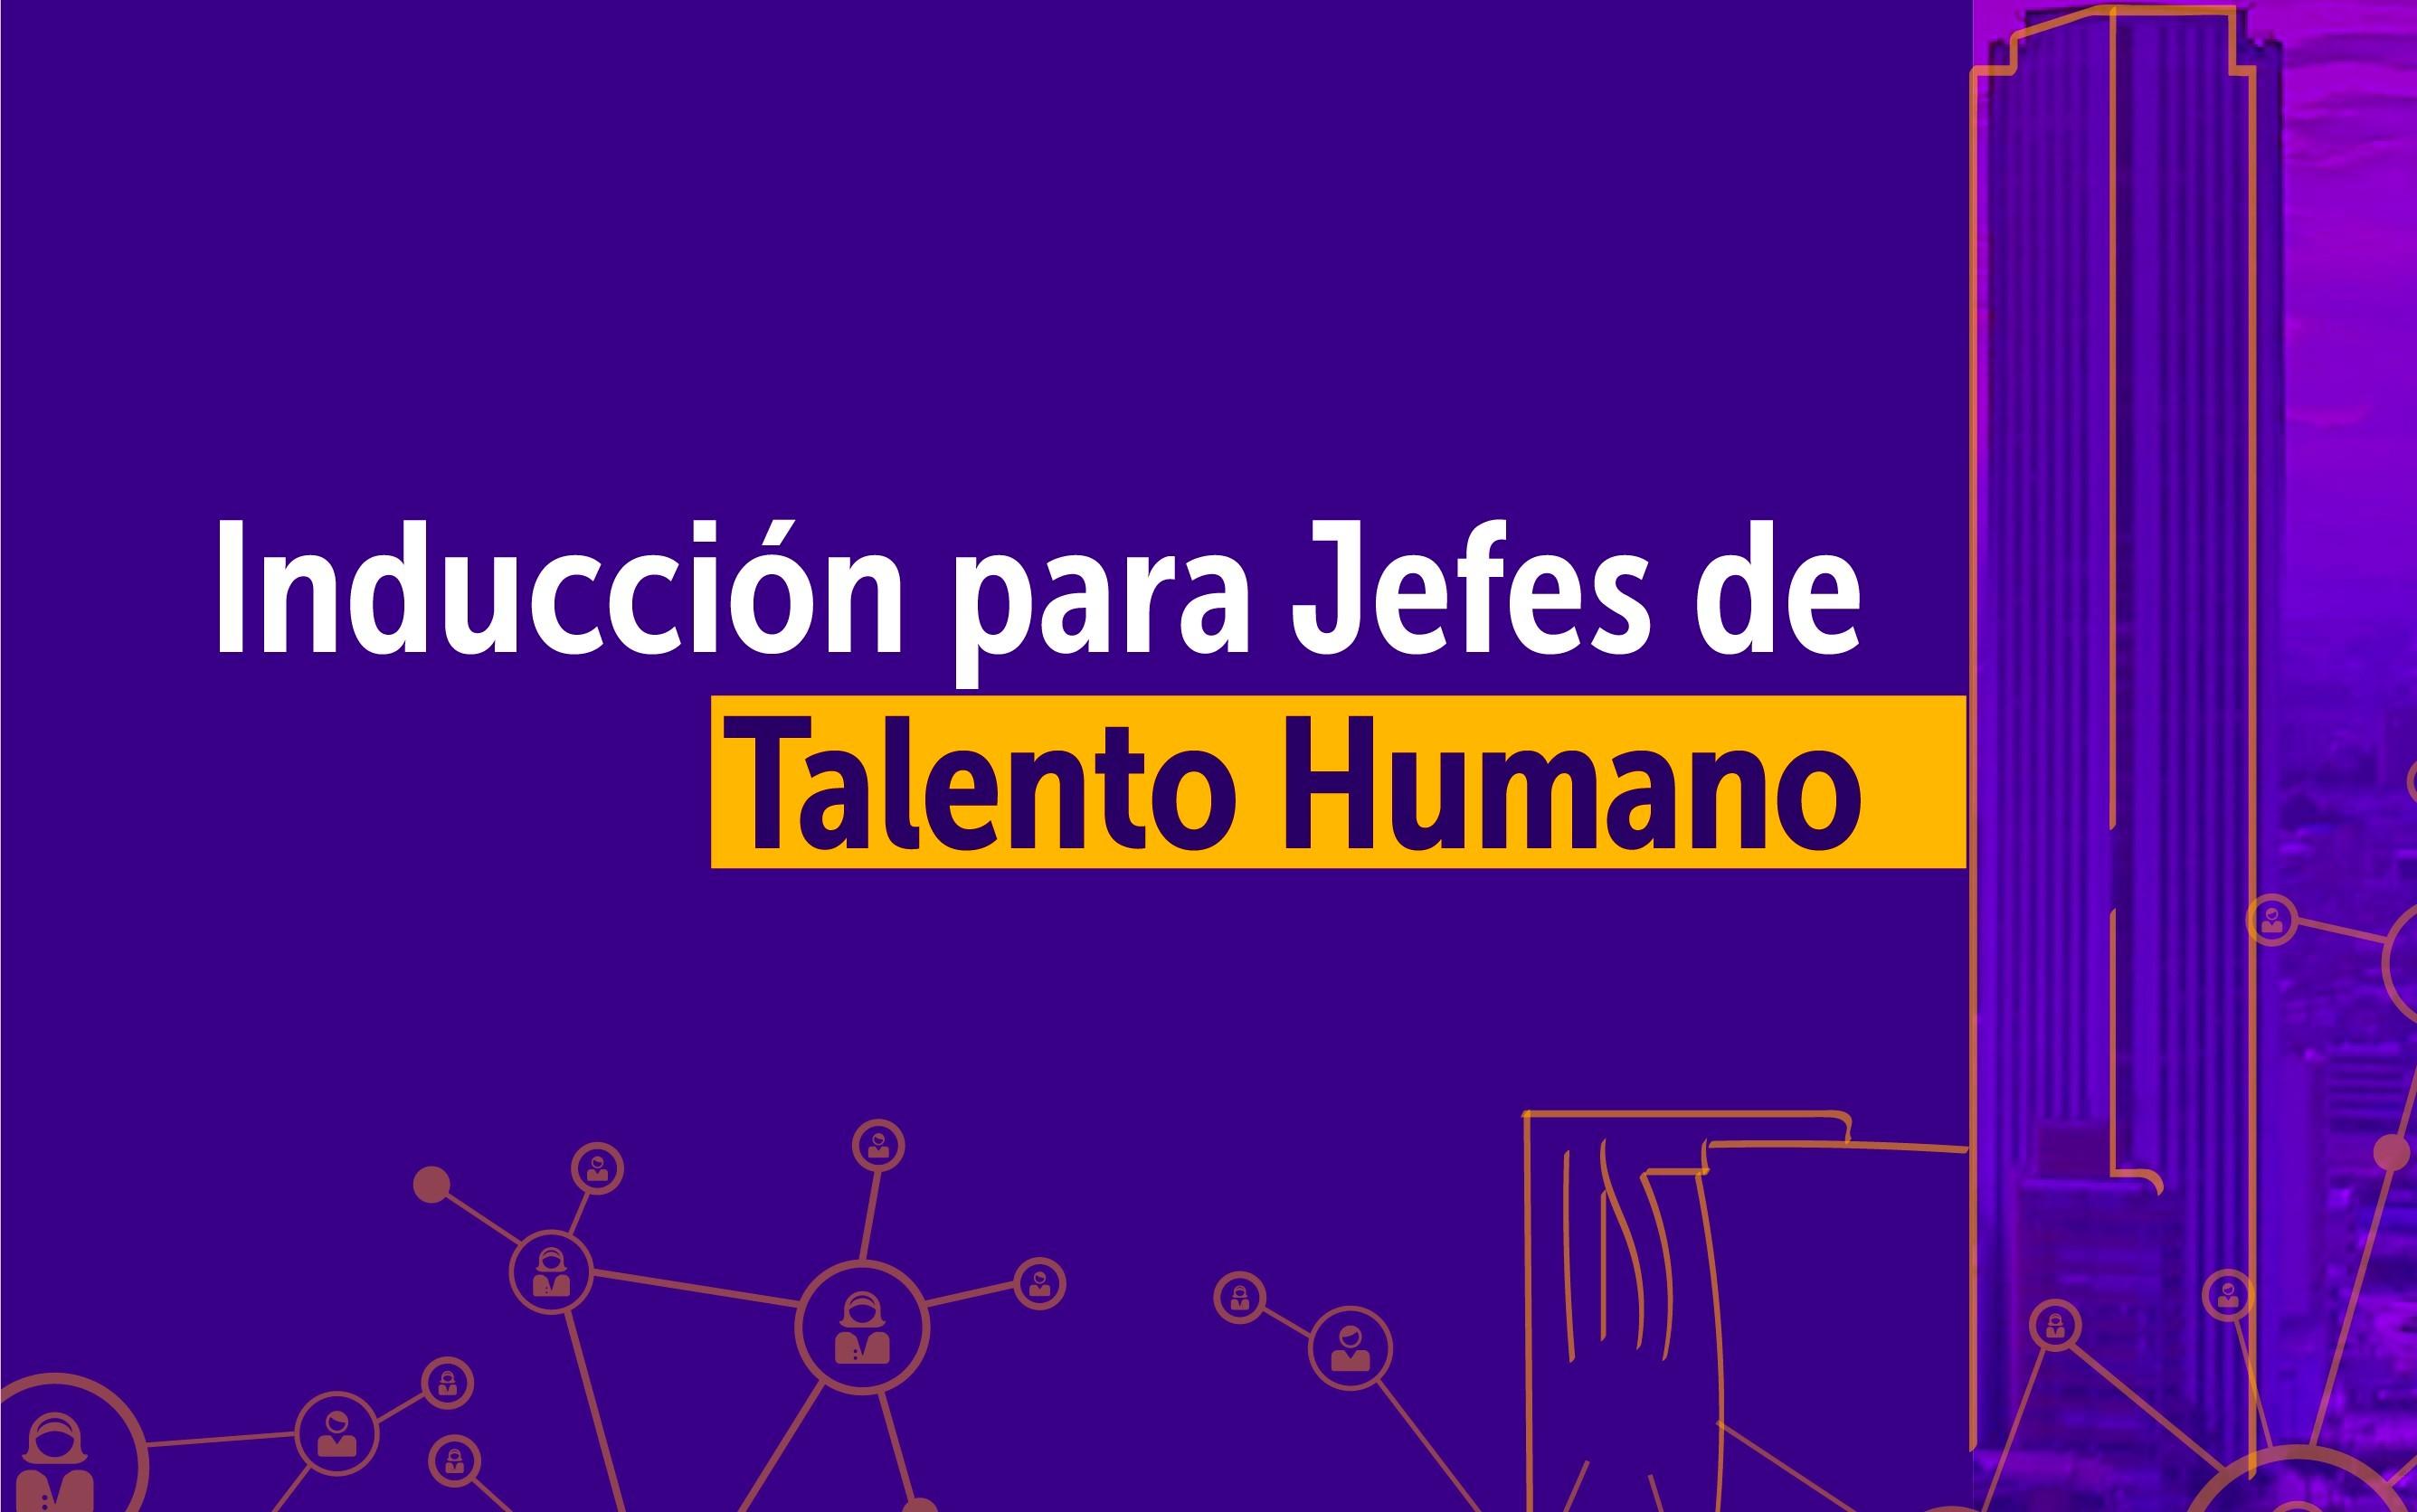 Inducción Jefes de Talento Humano (VIII Cohorte)